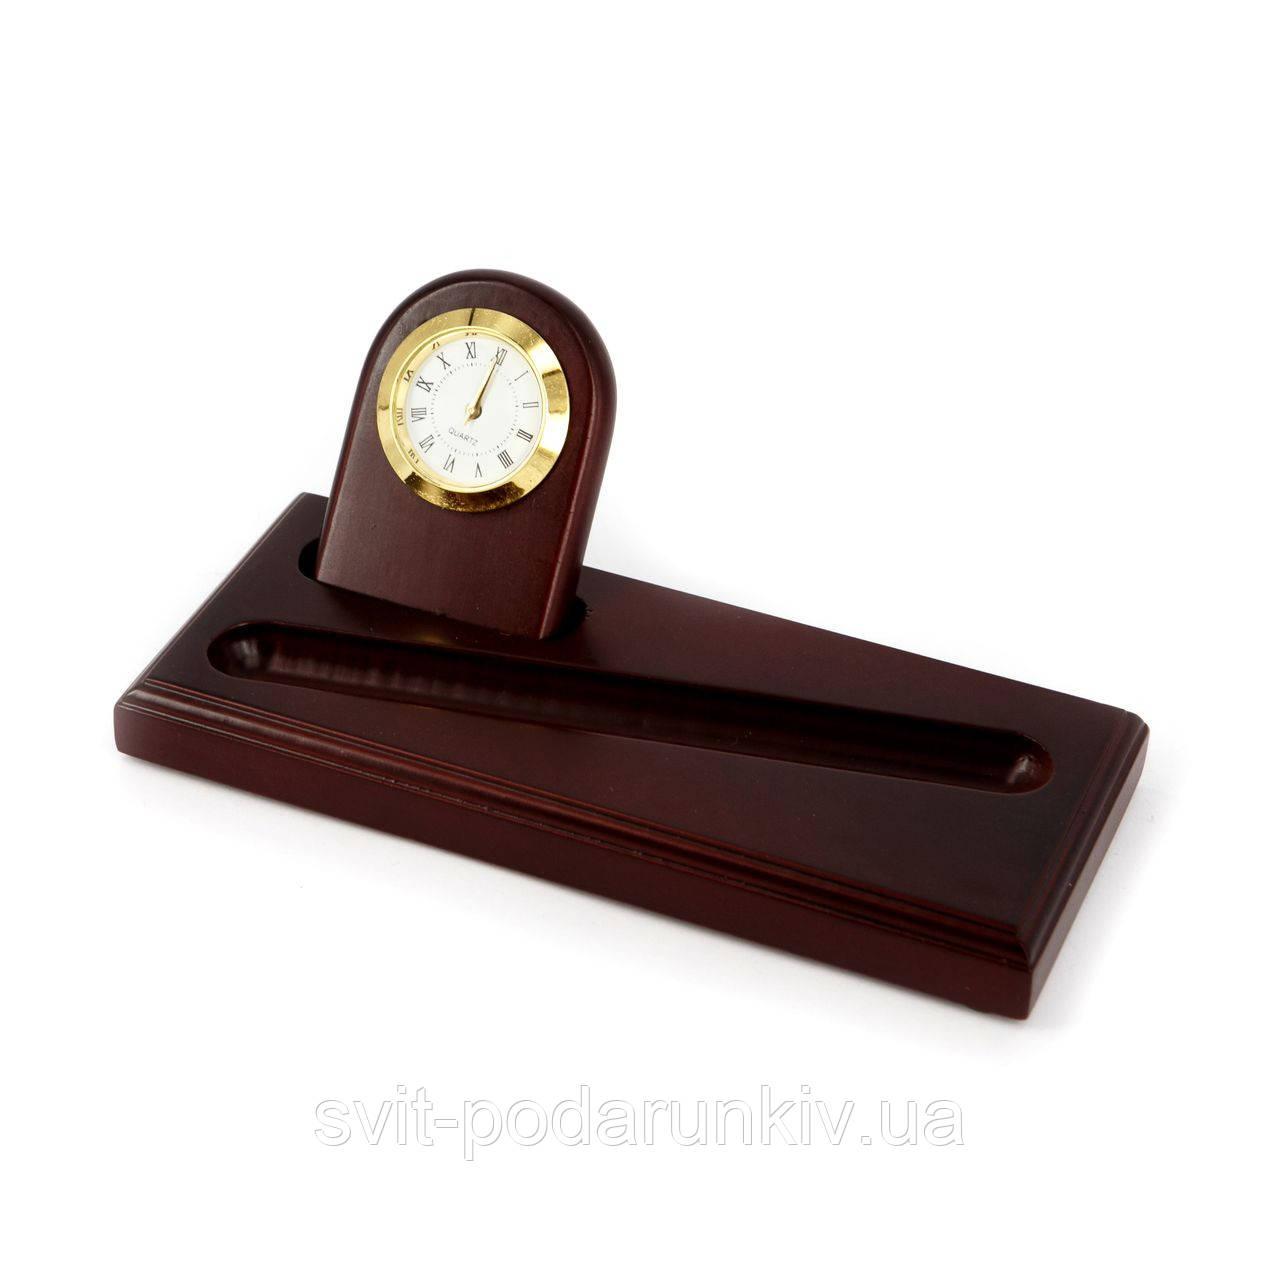 Набор настольный для руководителя часы XLS148